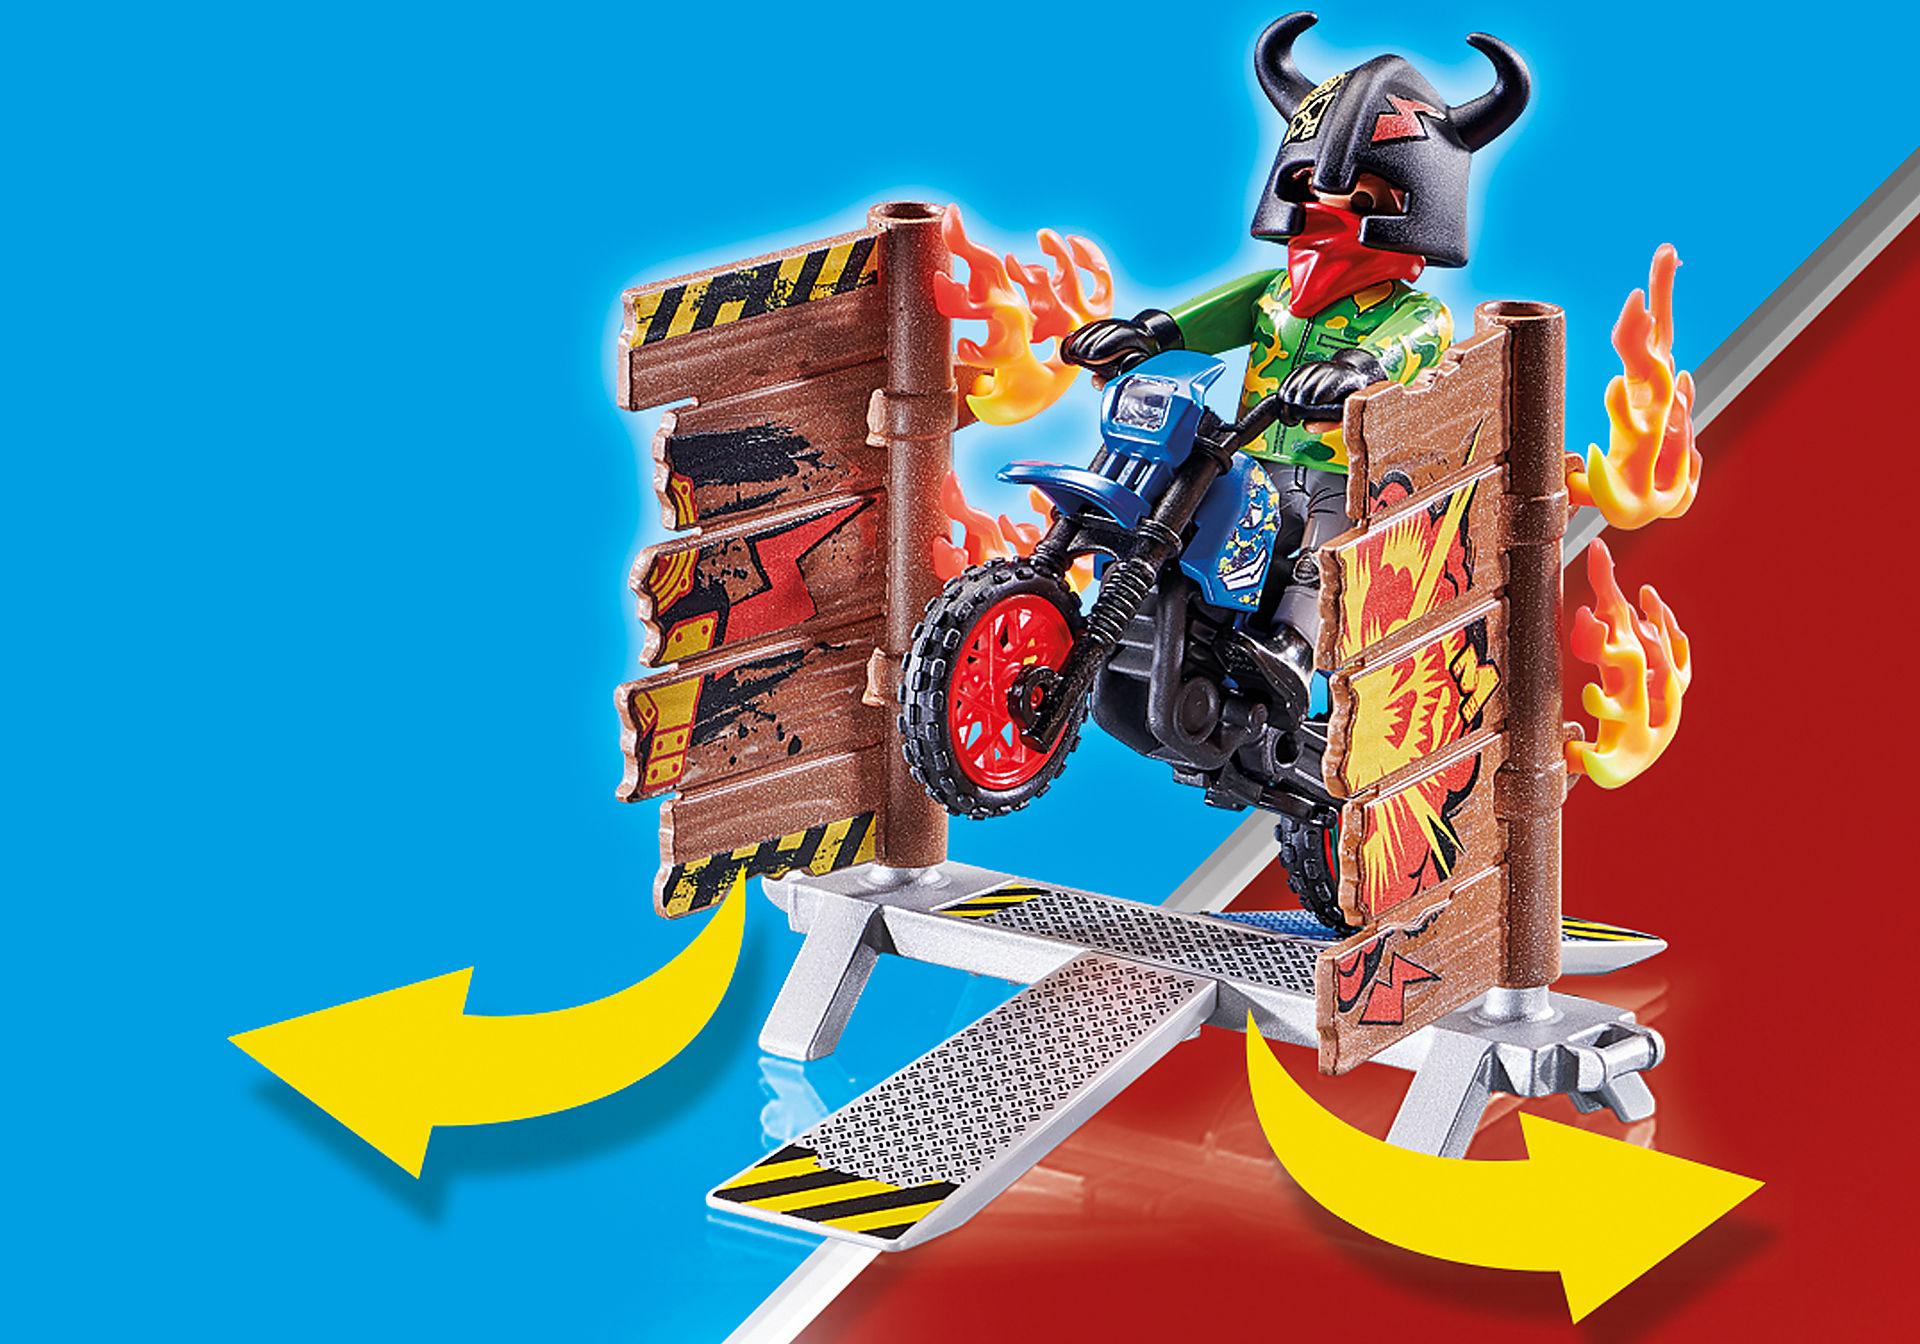 70553 Stuntshow Moto con muro de fuego zoom image5